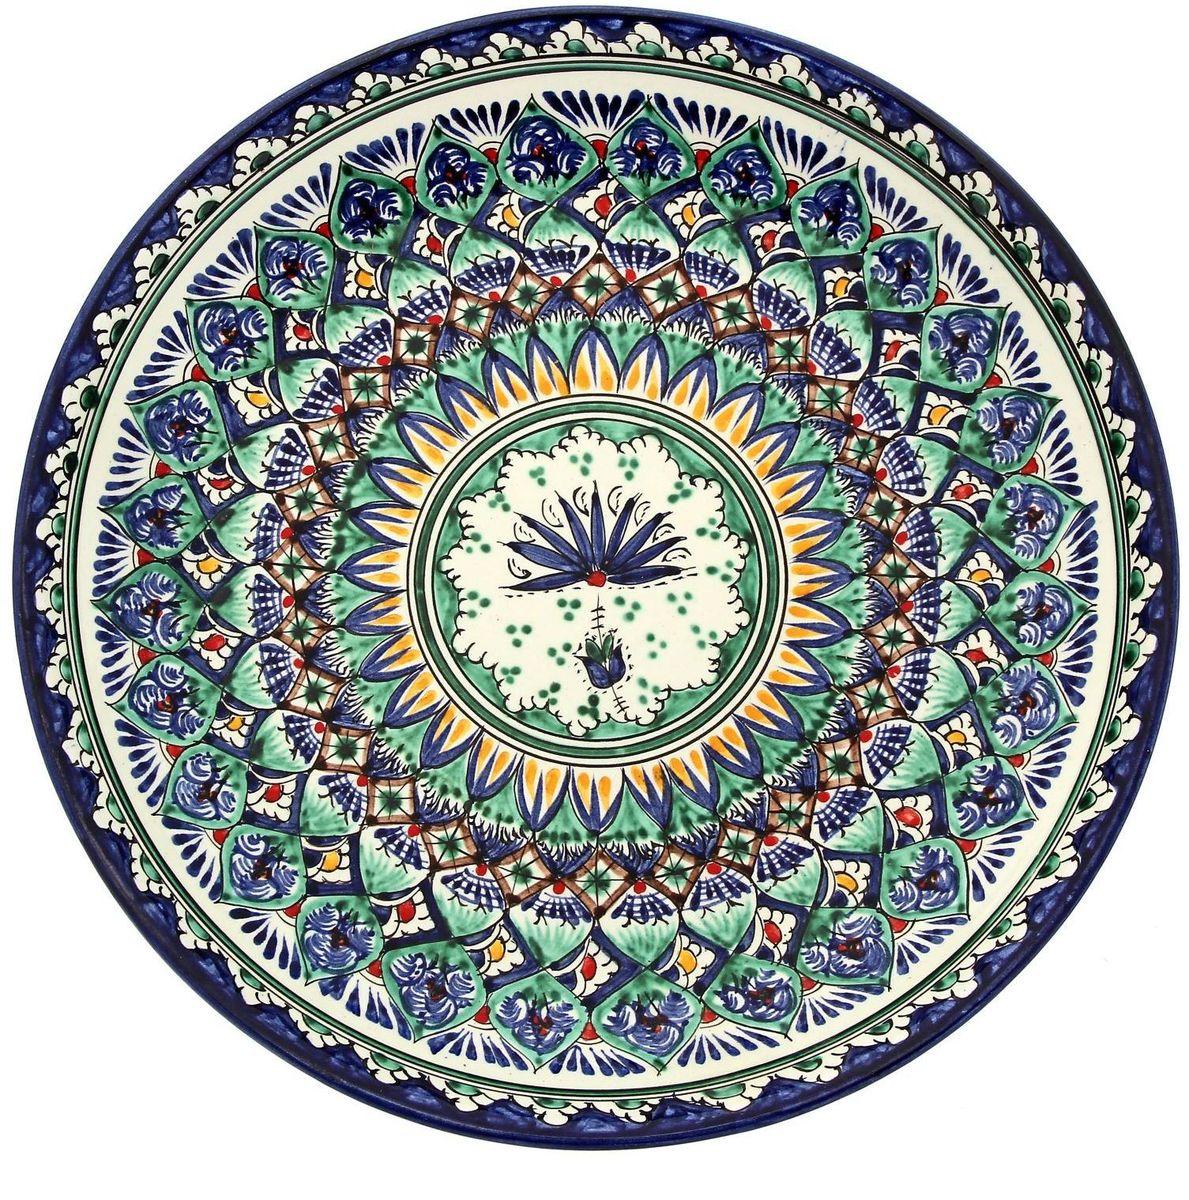 Ляган Риштанская керамика, диаметр 28 см. 19234591923459Ляган — это не просто обеденный атрибут, это украшение стола. Посуда с национальной росписью станет отменным подарком для ценителей высокородной посуды.Риштан — город на востоке Узбекистана, один из древнейших в Ферганской долине. С давних времён Риштан славится своим гончарным искусством изготовления цветной керамики. Красноватую глину для изделия добывают в самом городе. Мастера утверждают, что их глина настолько высокого качества, что даже не нуждается в предварительной обработке. Дополните коллекцию кухонных аксессуаров пряными восточными нотами.